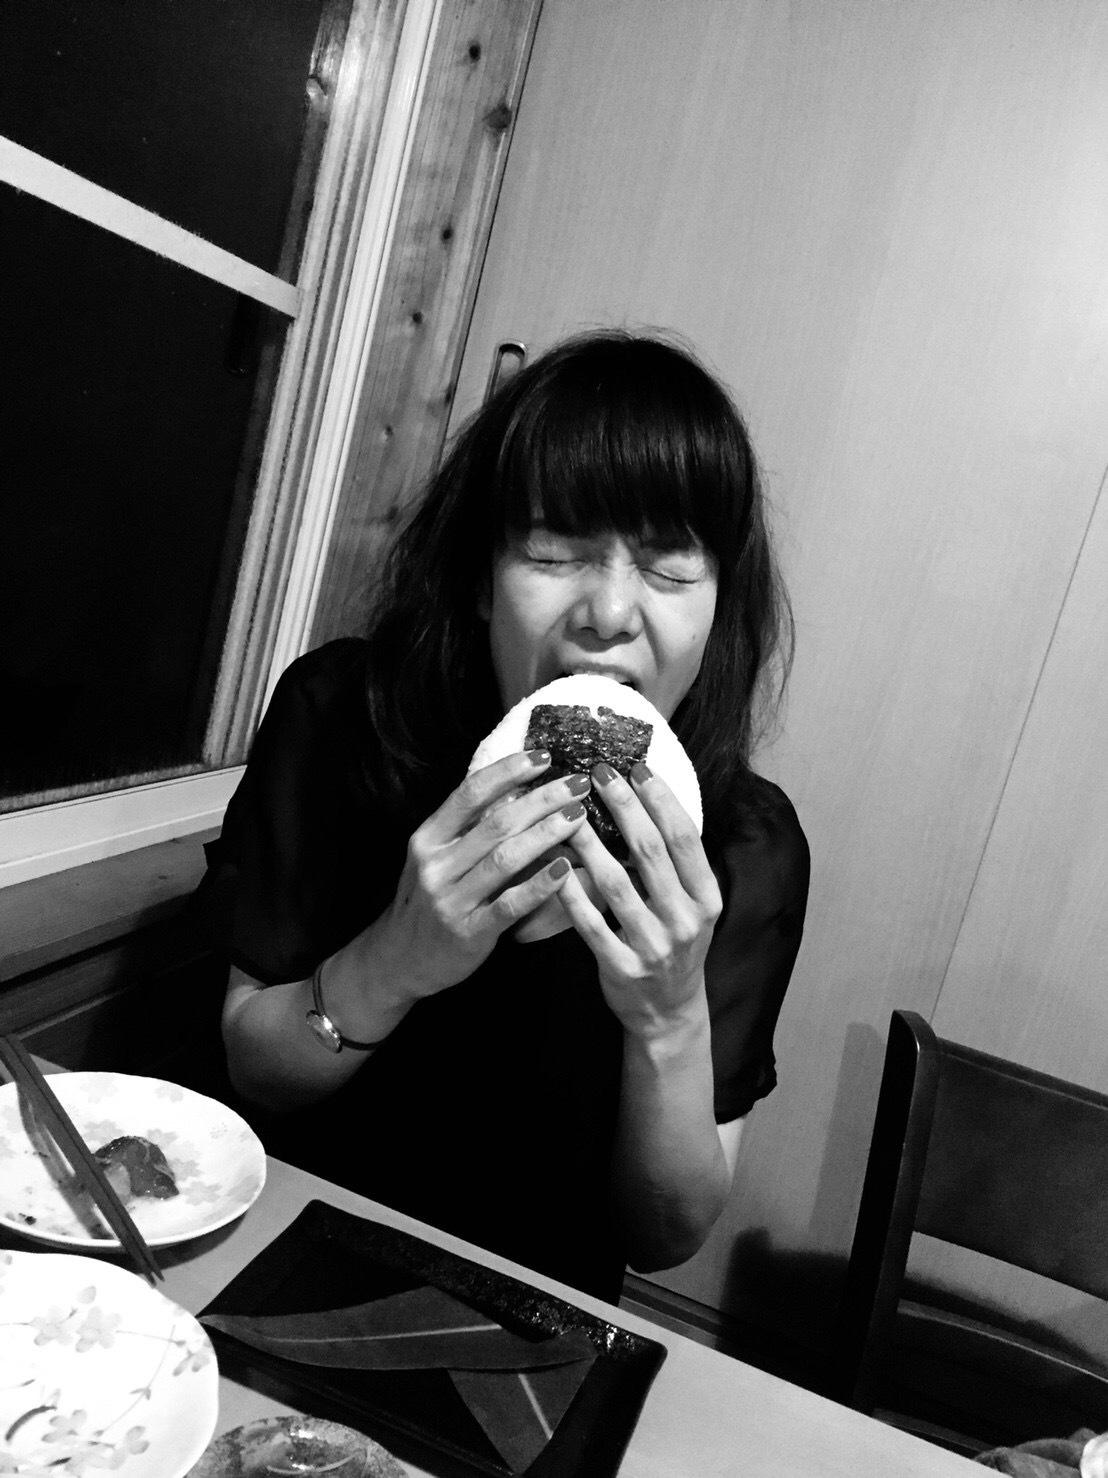 おにぎりを食べて社会貢献!?~おにぎりアクション2017~